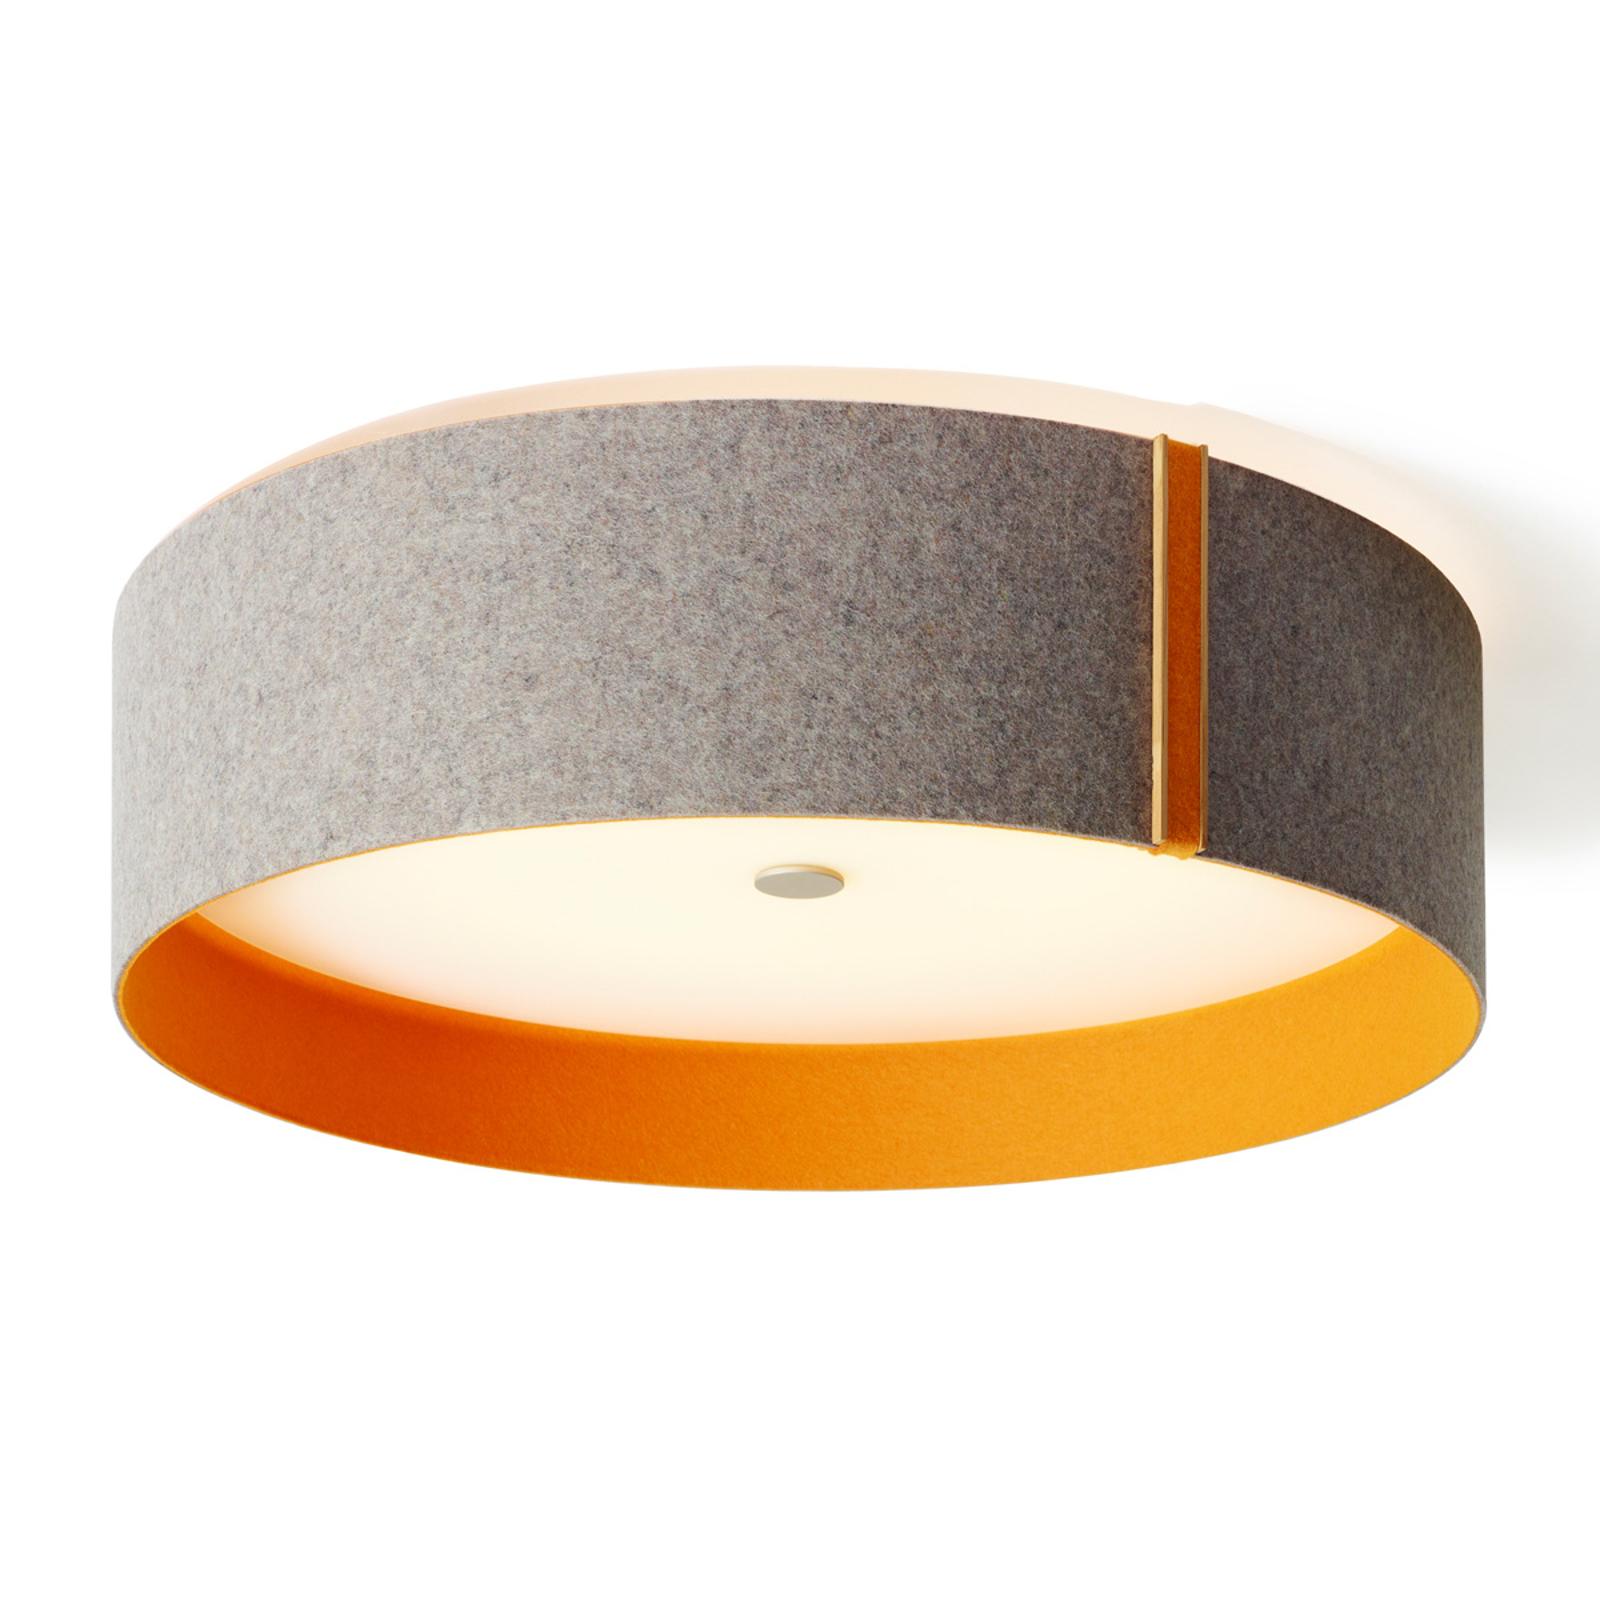 Lara felt - Filz-Deckenleuchte mit LED grau-orange